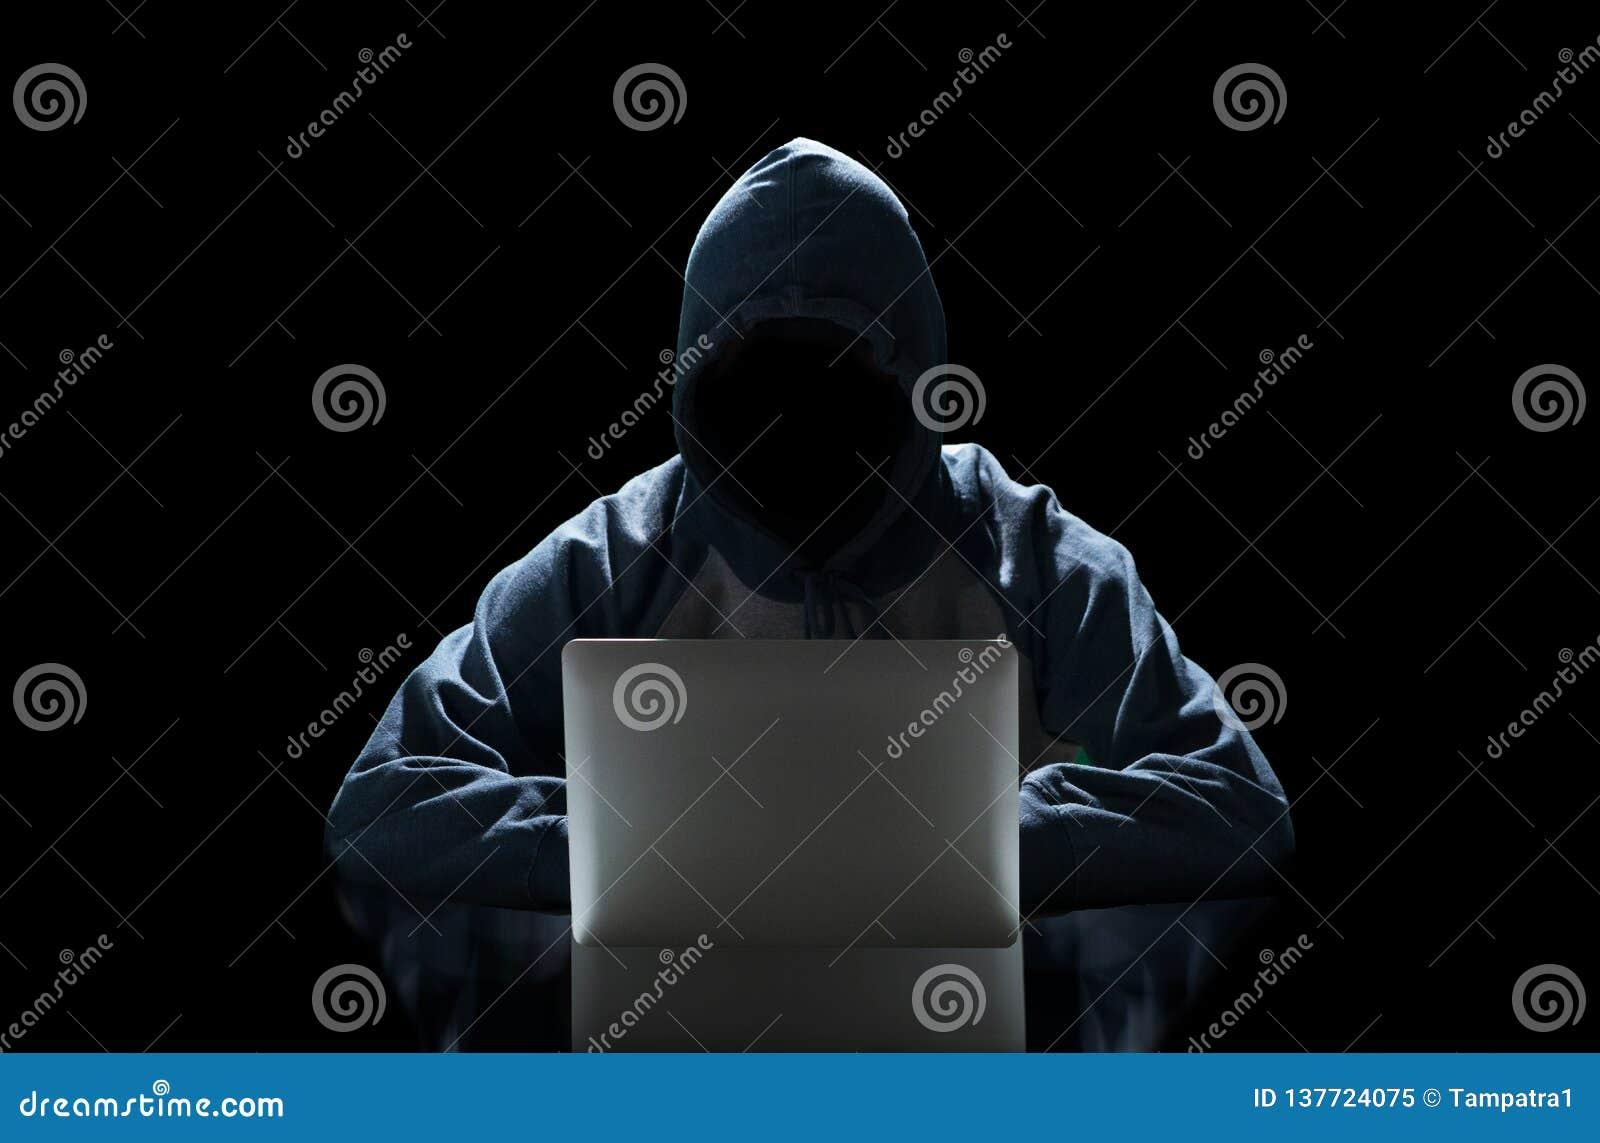 Хакер печатая на ноутбуке изолированном на черной предпосылке с матрицей предпосылки монитора компьютера, коде цифровых данных в